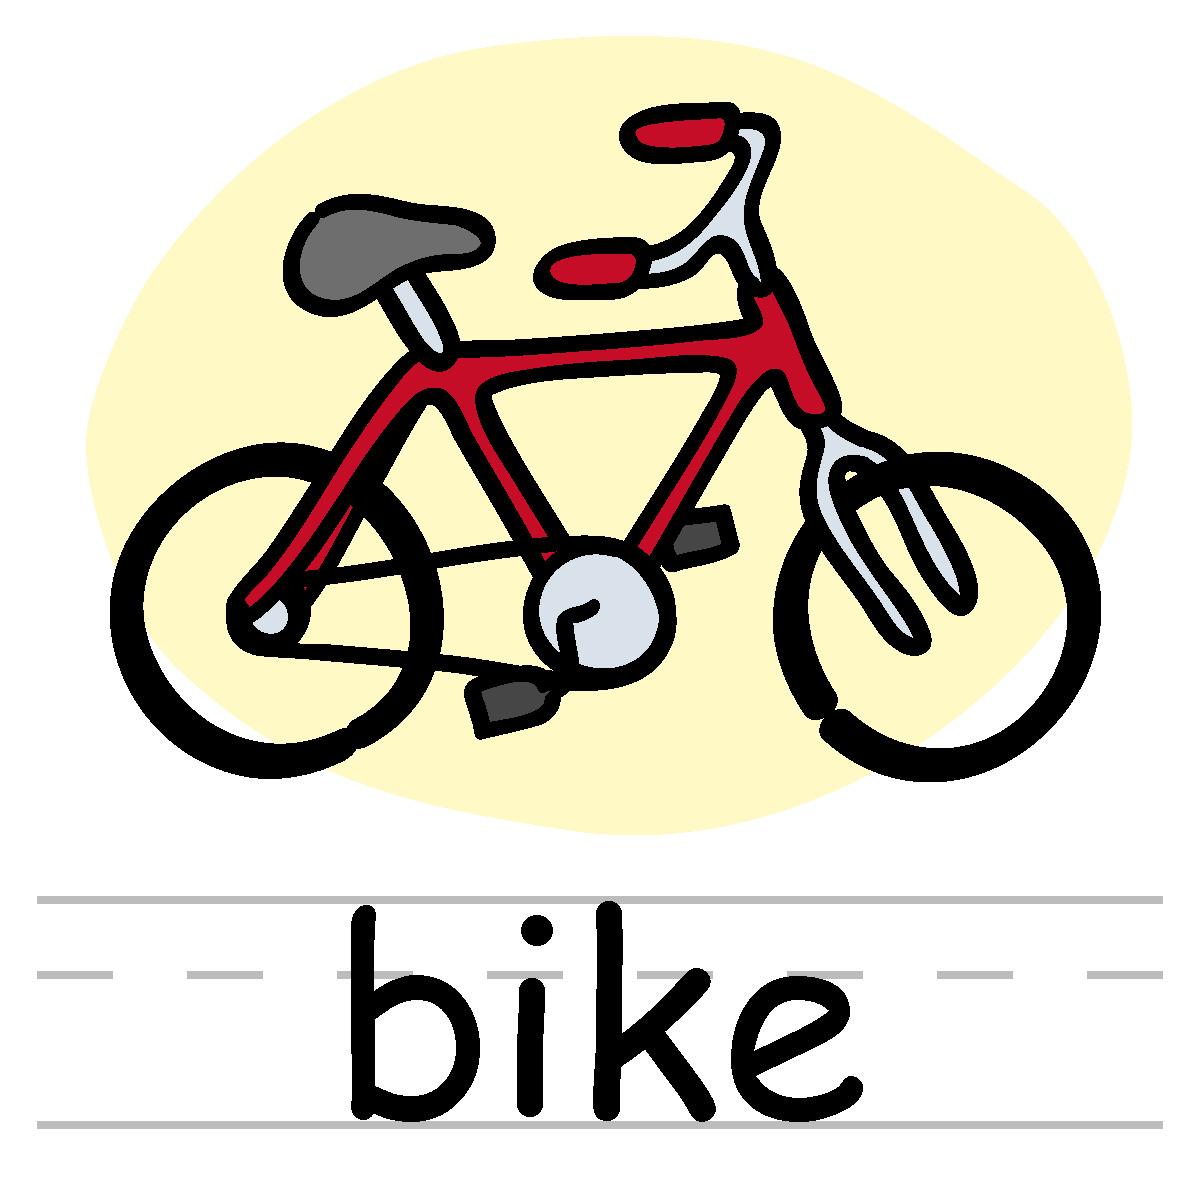 Bike . Biking clipart word